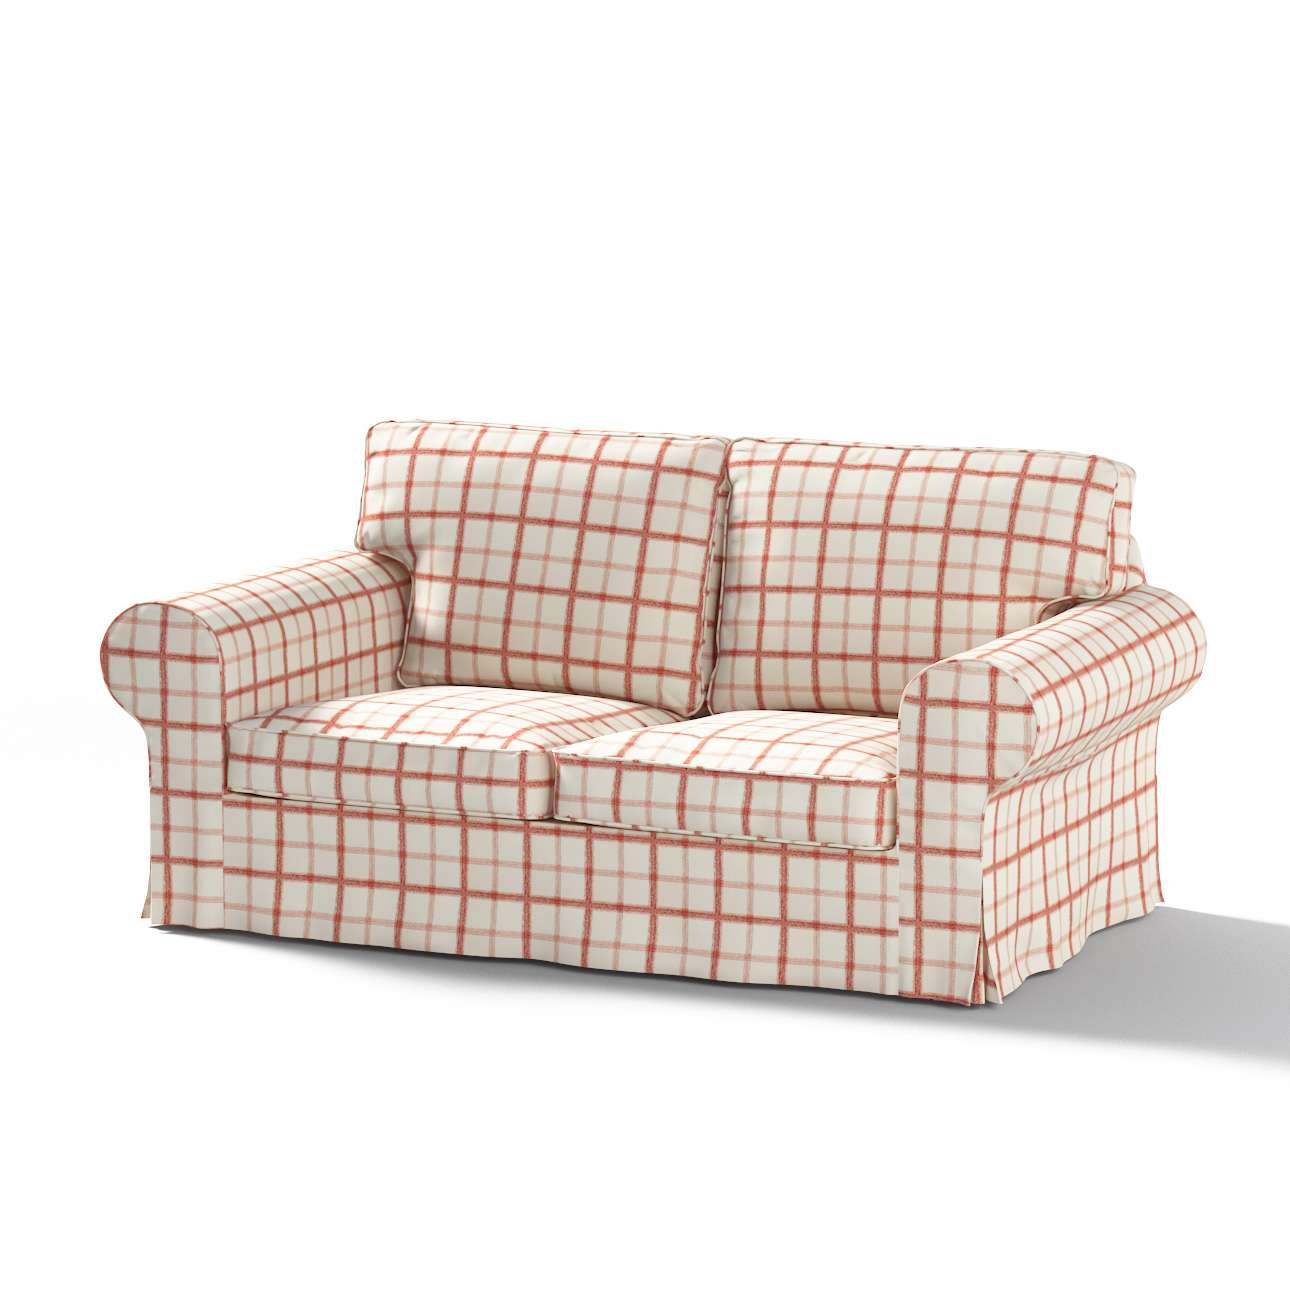 Ektorp 2 sæder sovesofa gammel model<br/>Bredde ca 195cm Betræk uden sofa fra kollektionen Avinon, Stof: 131-15